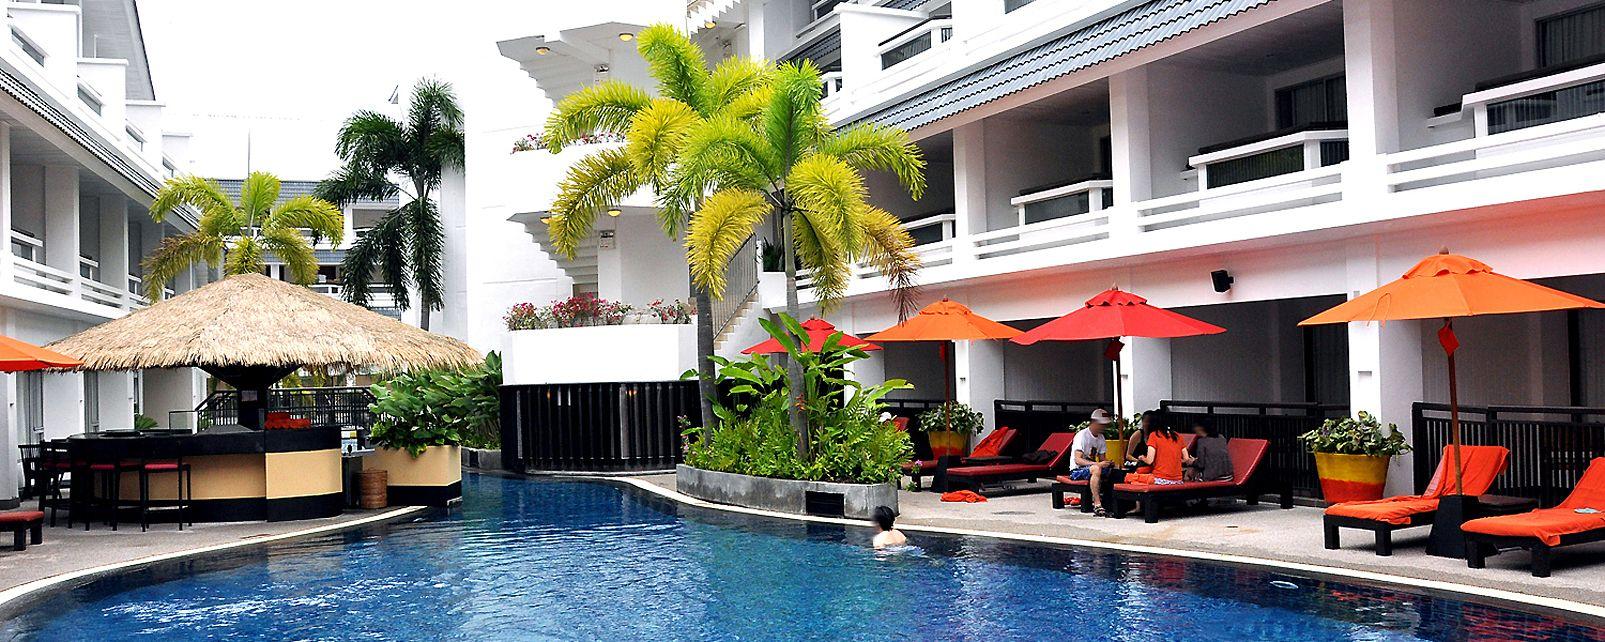 Hotel Courtyard Phuket at Patong Beach